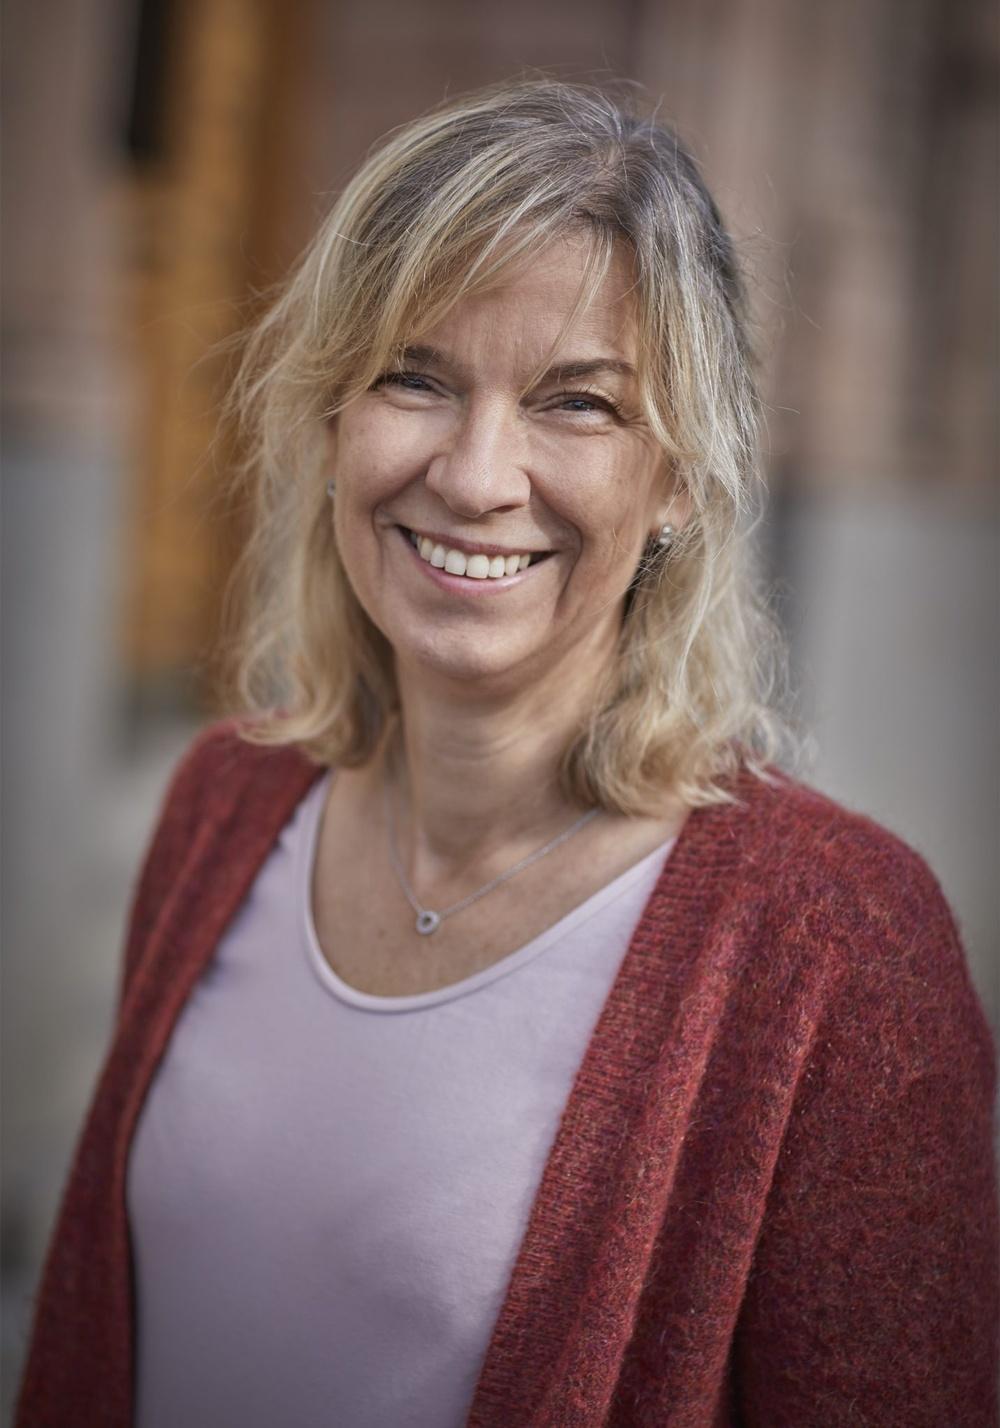 Författarporträtt: Anette Sievers